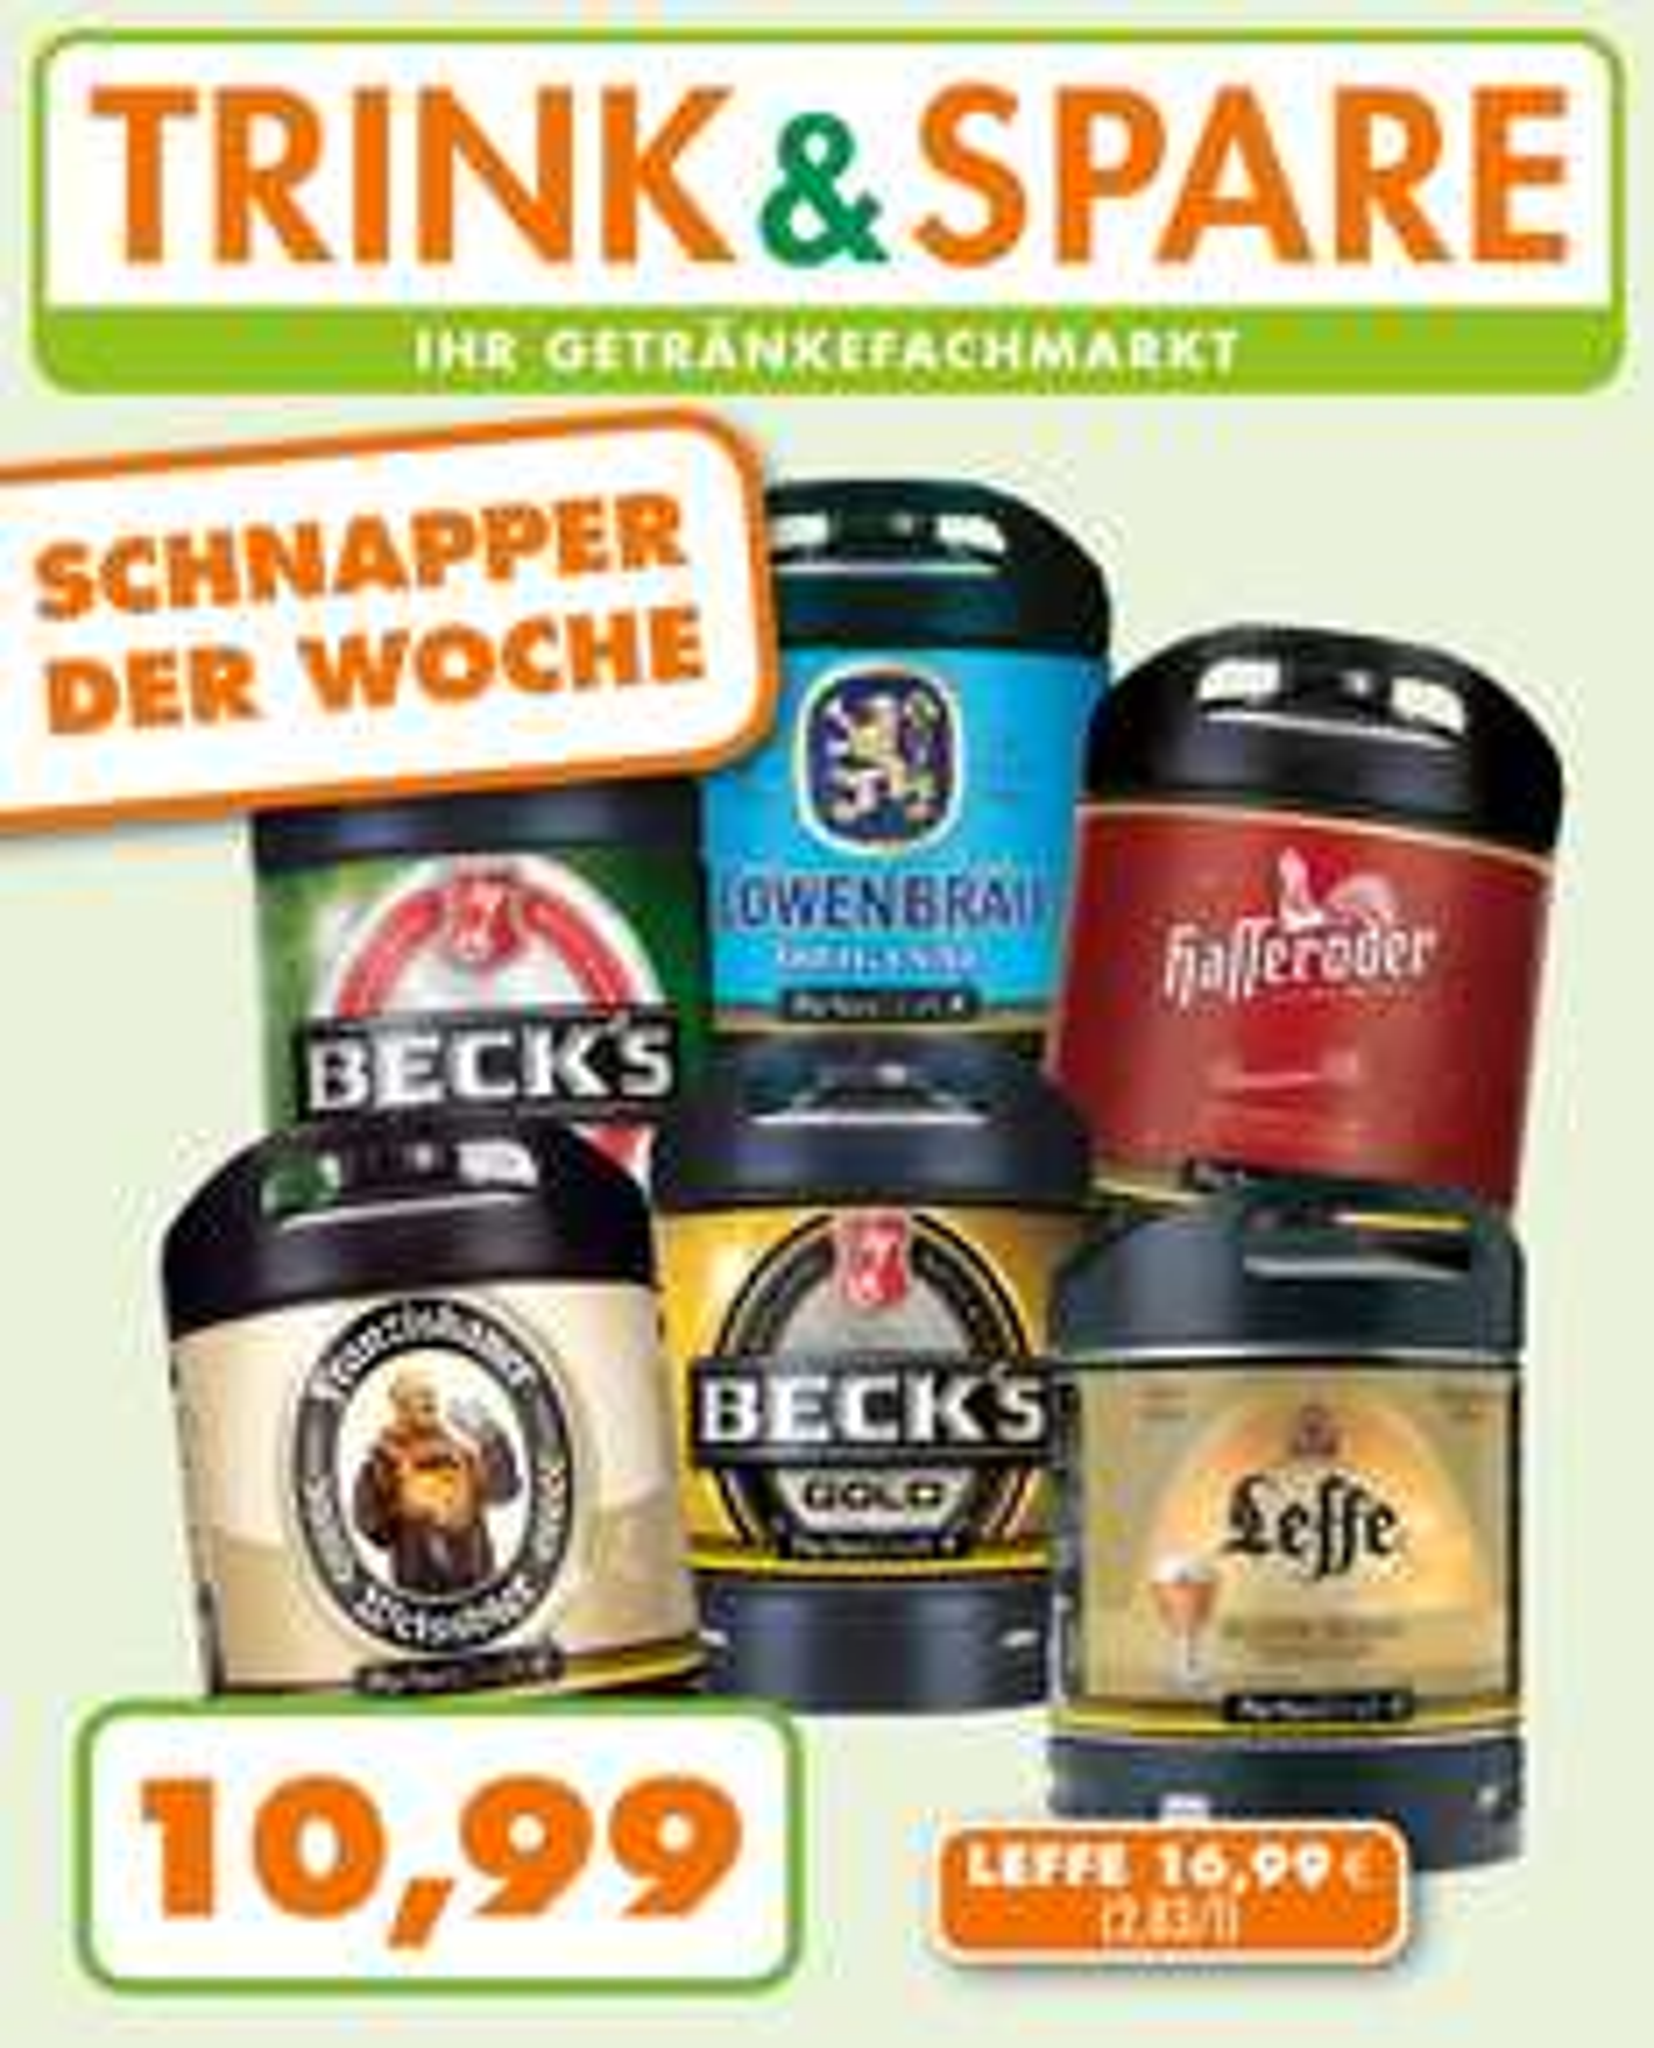 TRINK & SPARE - Perfect Draft 6 Liter Fässer versch. Sorten für je 10,99€